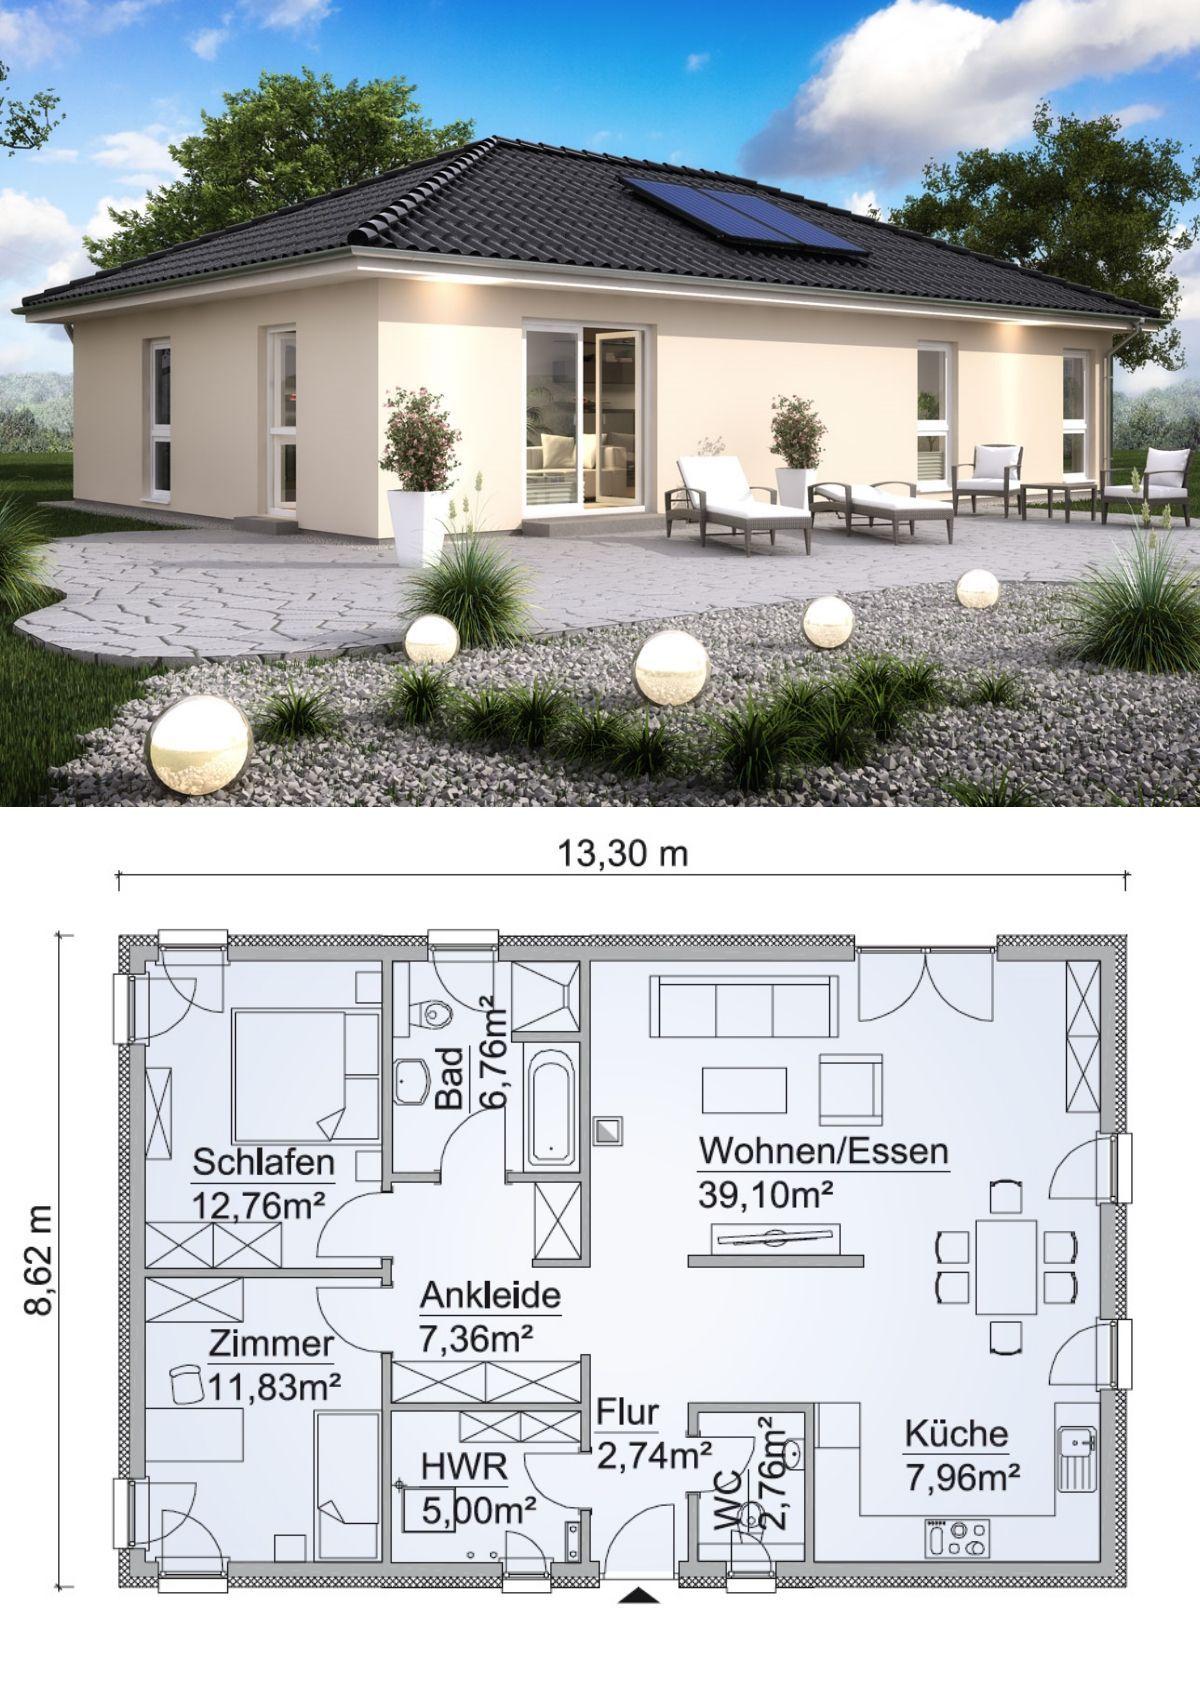 Bungalow Haus modern Grundriss ebenerdig mit Walmdach